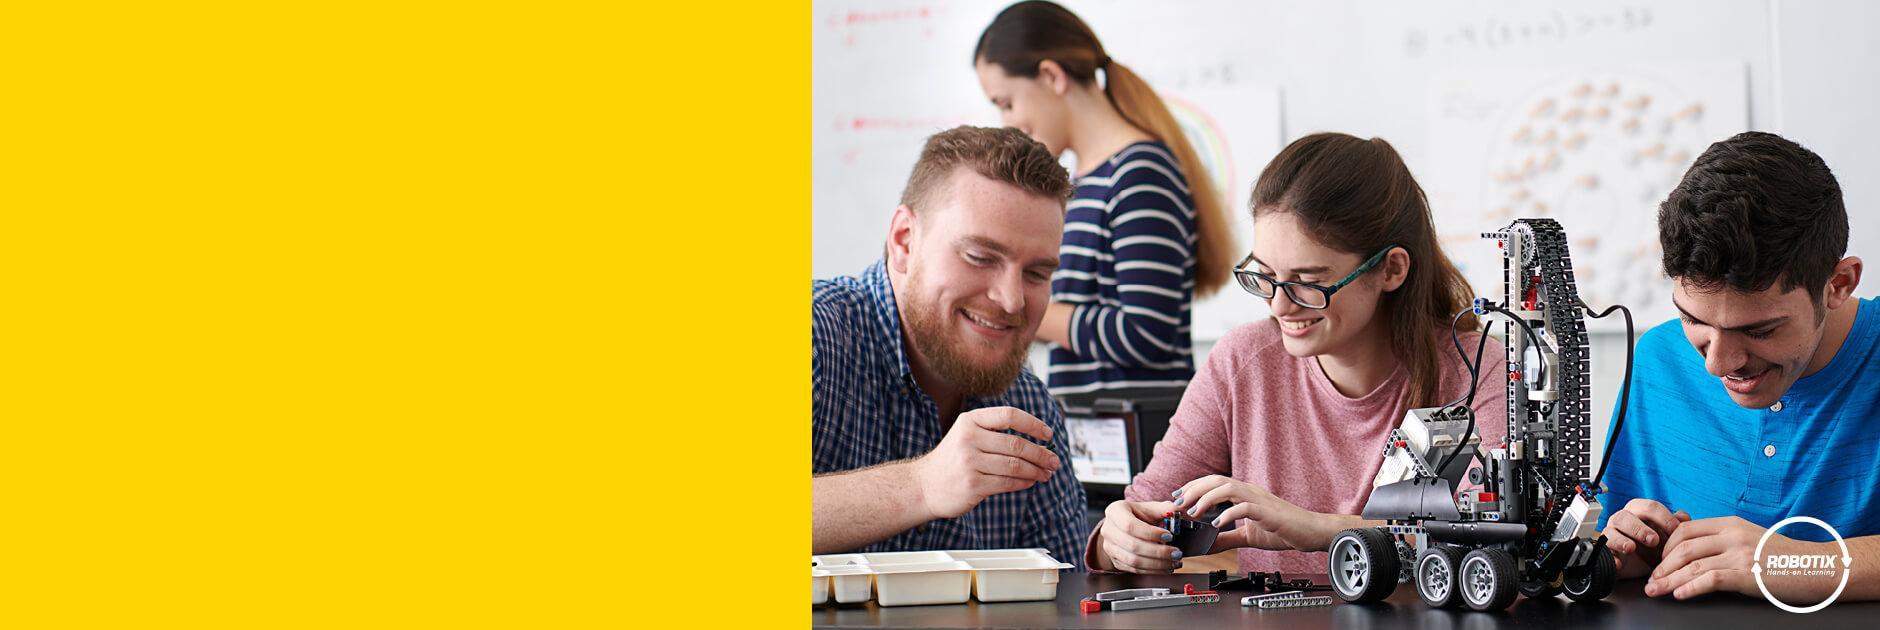 Productos Reacondicionados LEGO Education